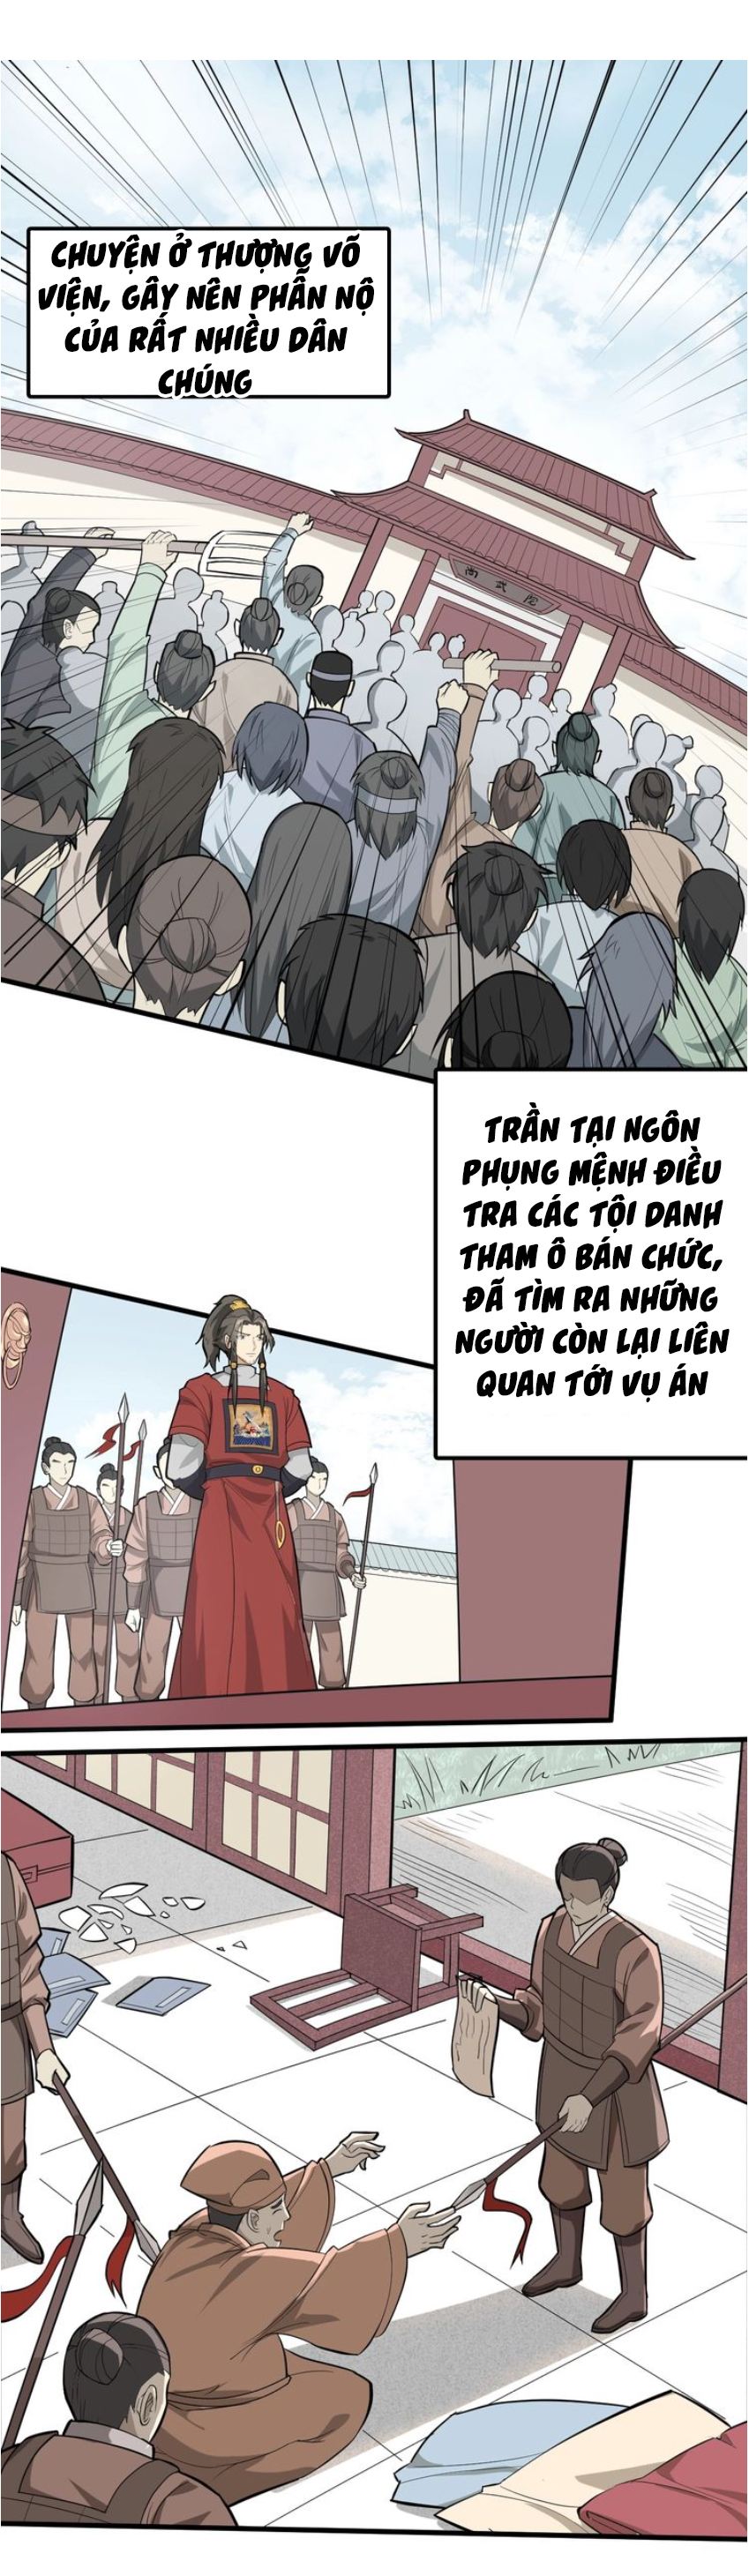 Đại Nghịch Chi Môn Chapter 55 video - Hamtruyen.vn